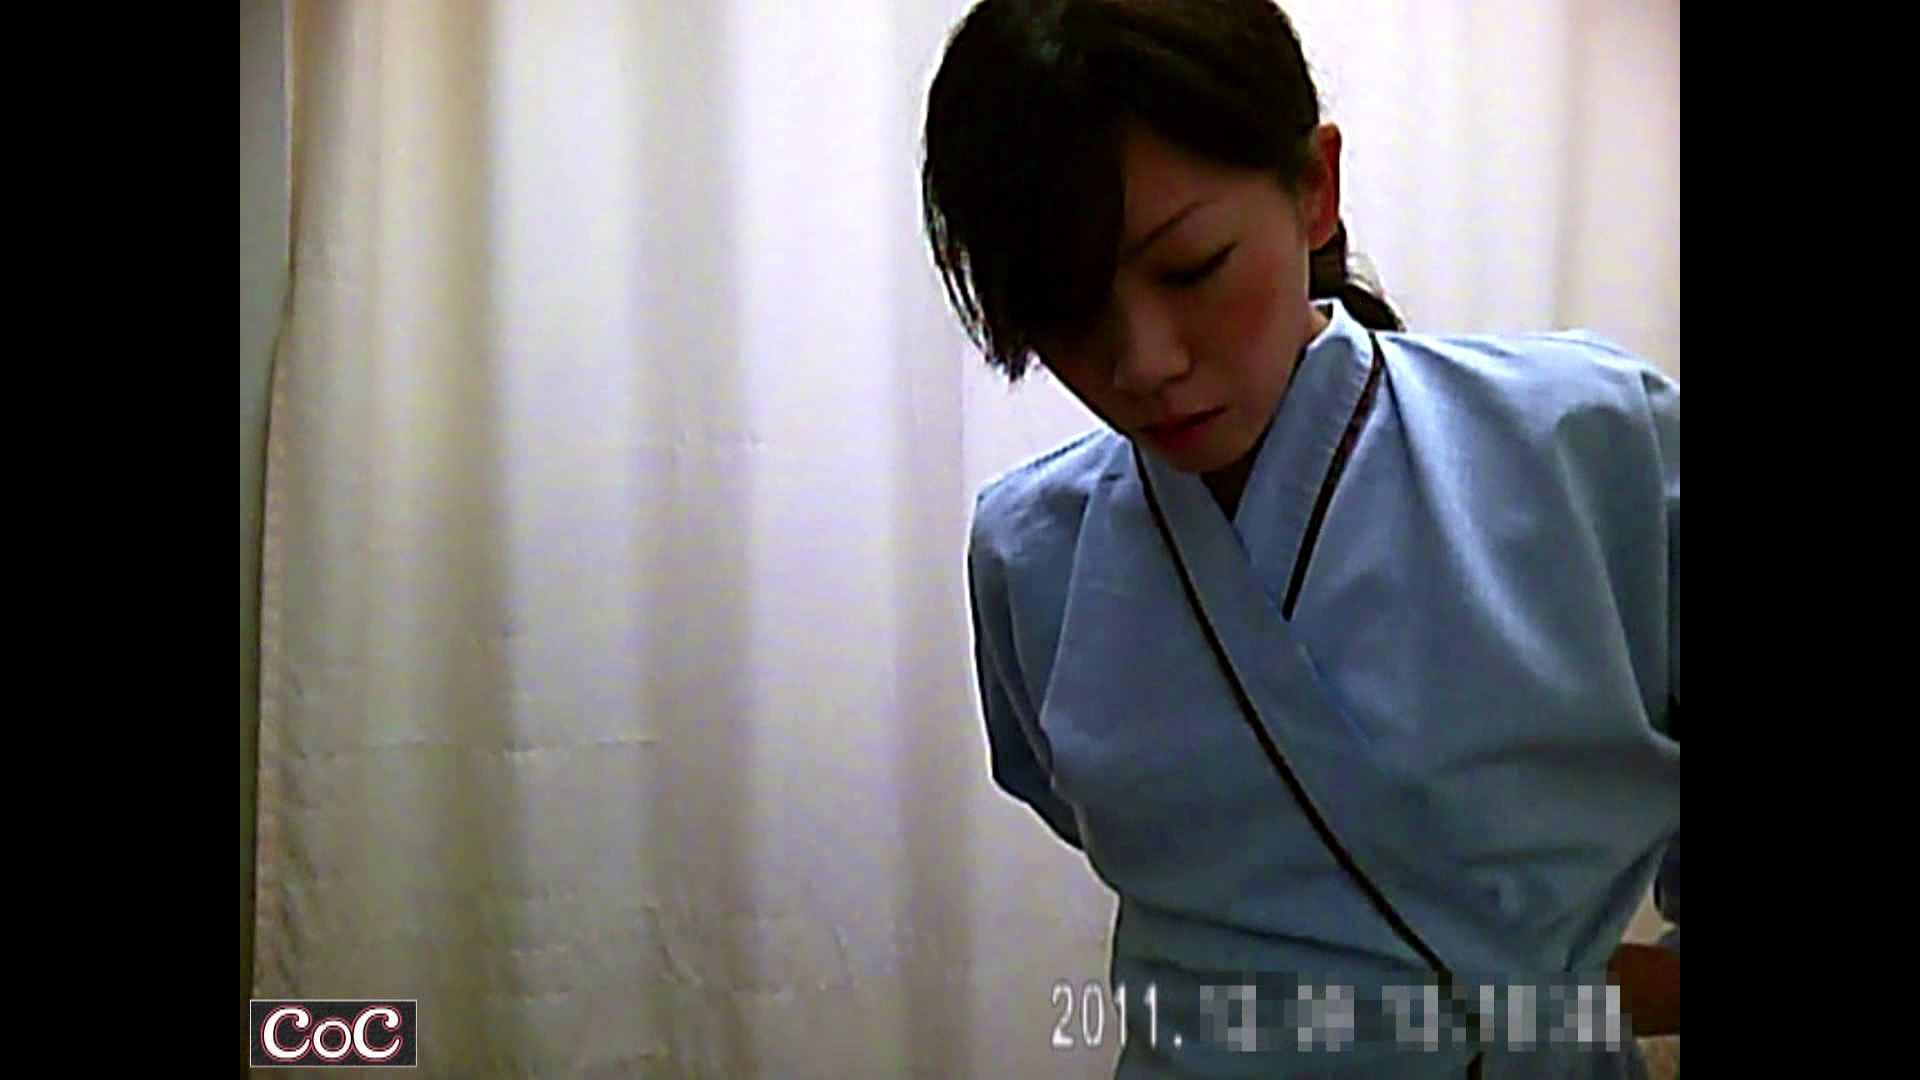 元医者による反抗 更衣室地獄絵巻 vol.178 OL女体 | 0  109連発 27